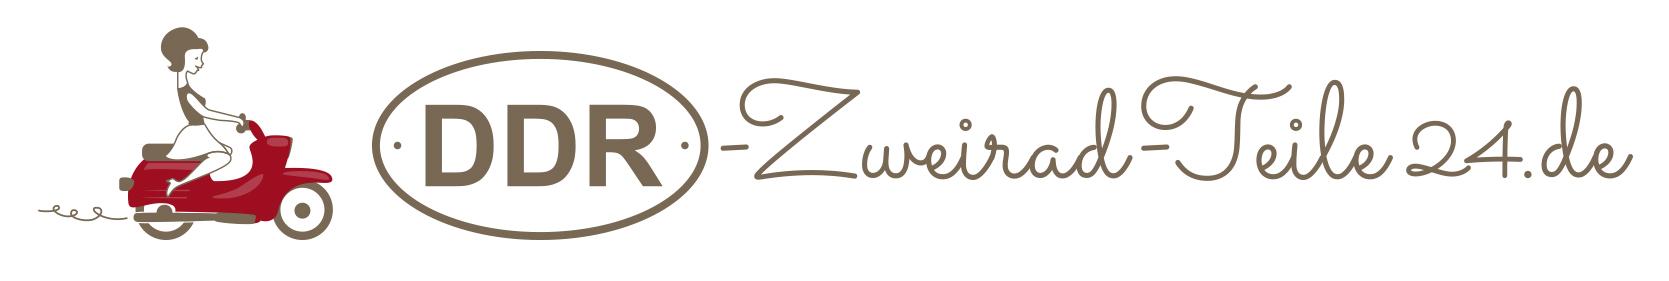 DDR-Zweirad-Teile24.de